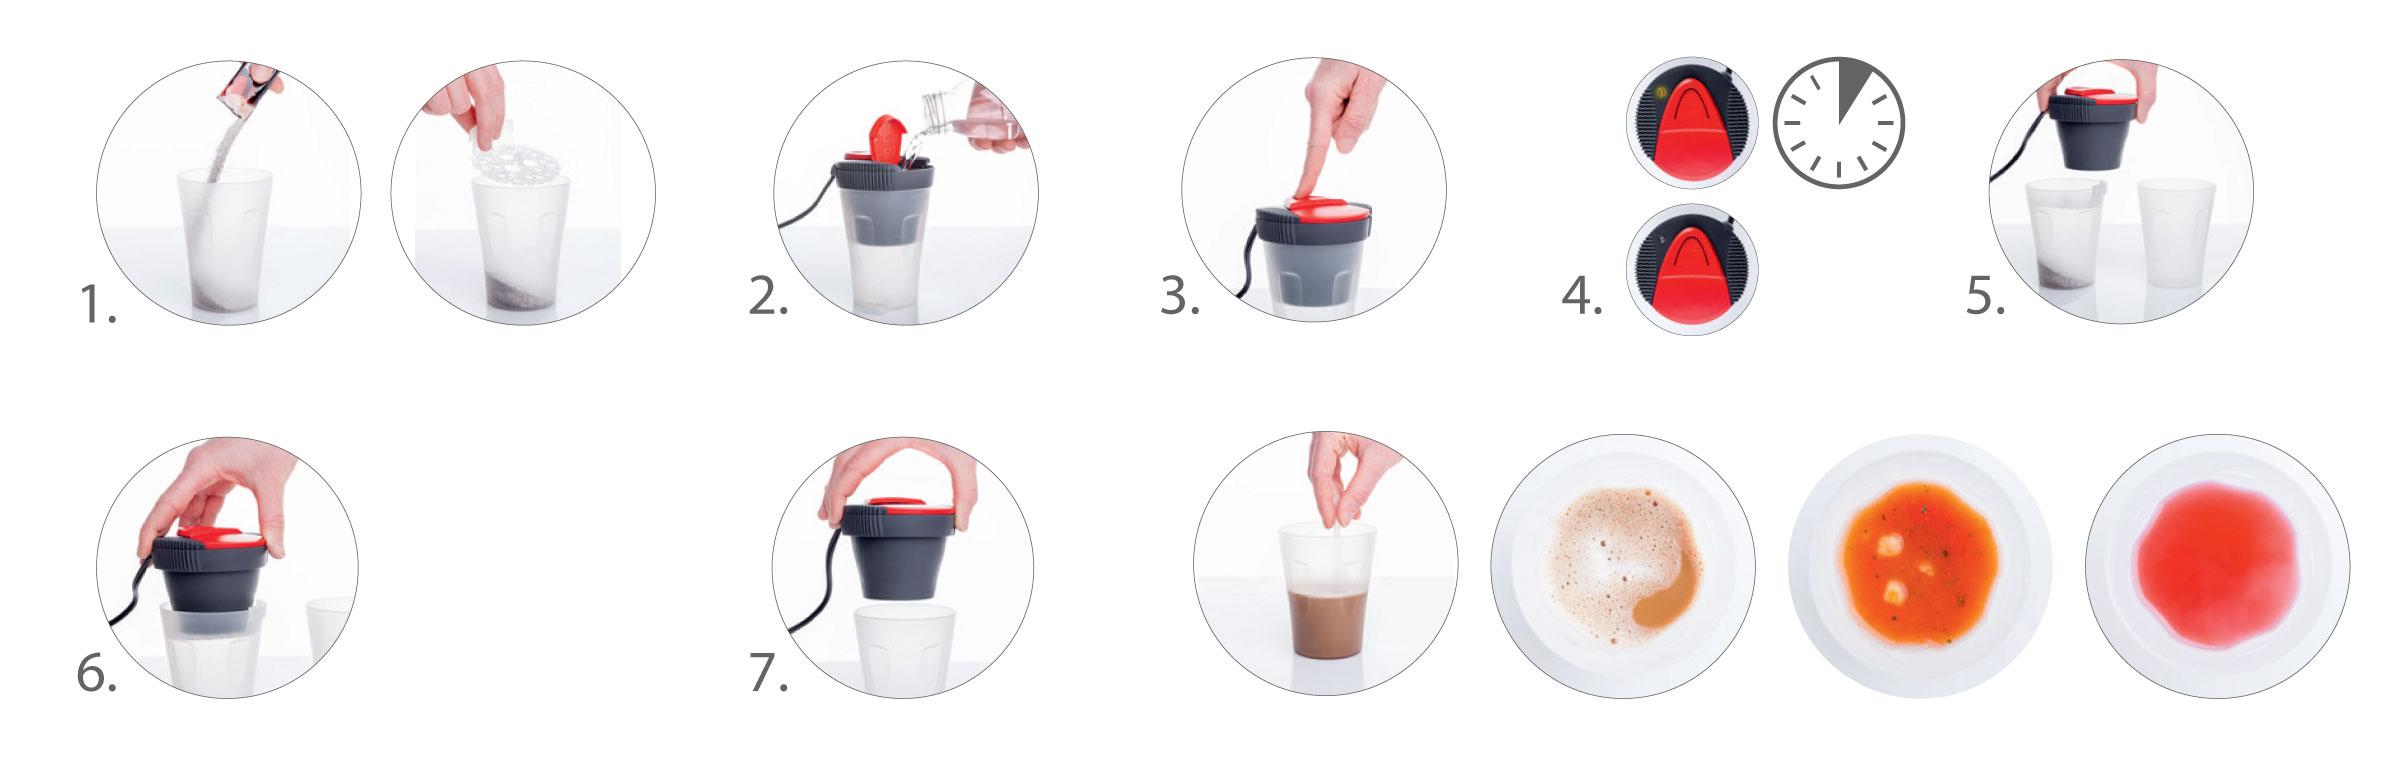 hot-e-cup_broschure-1